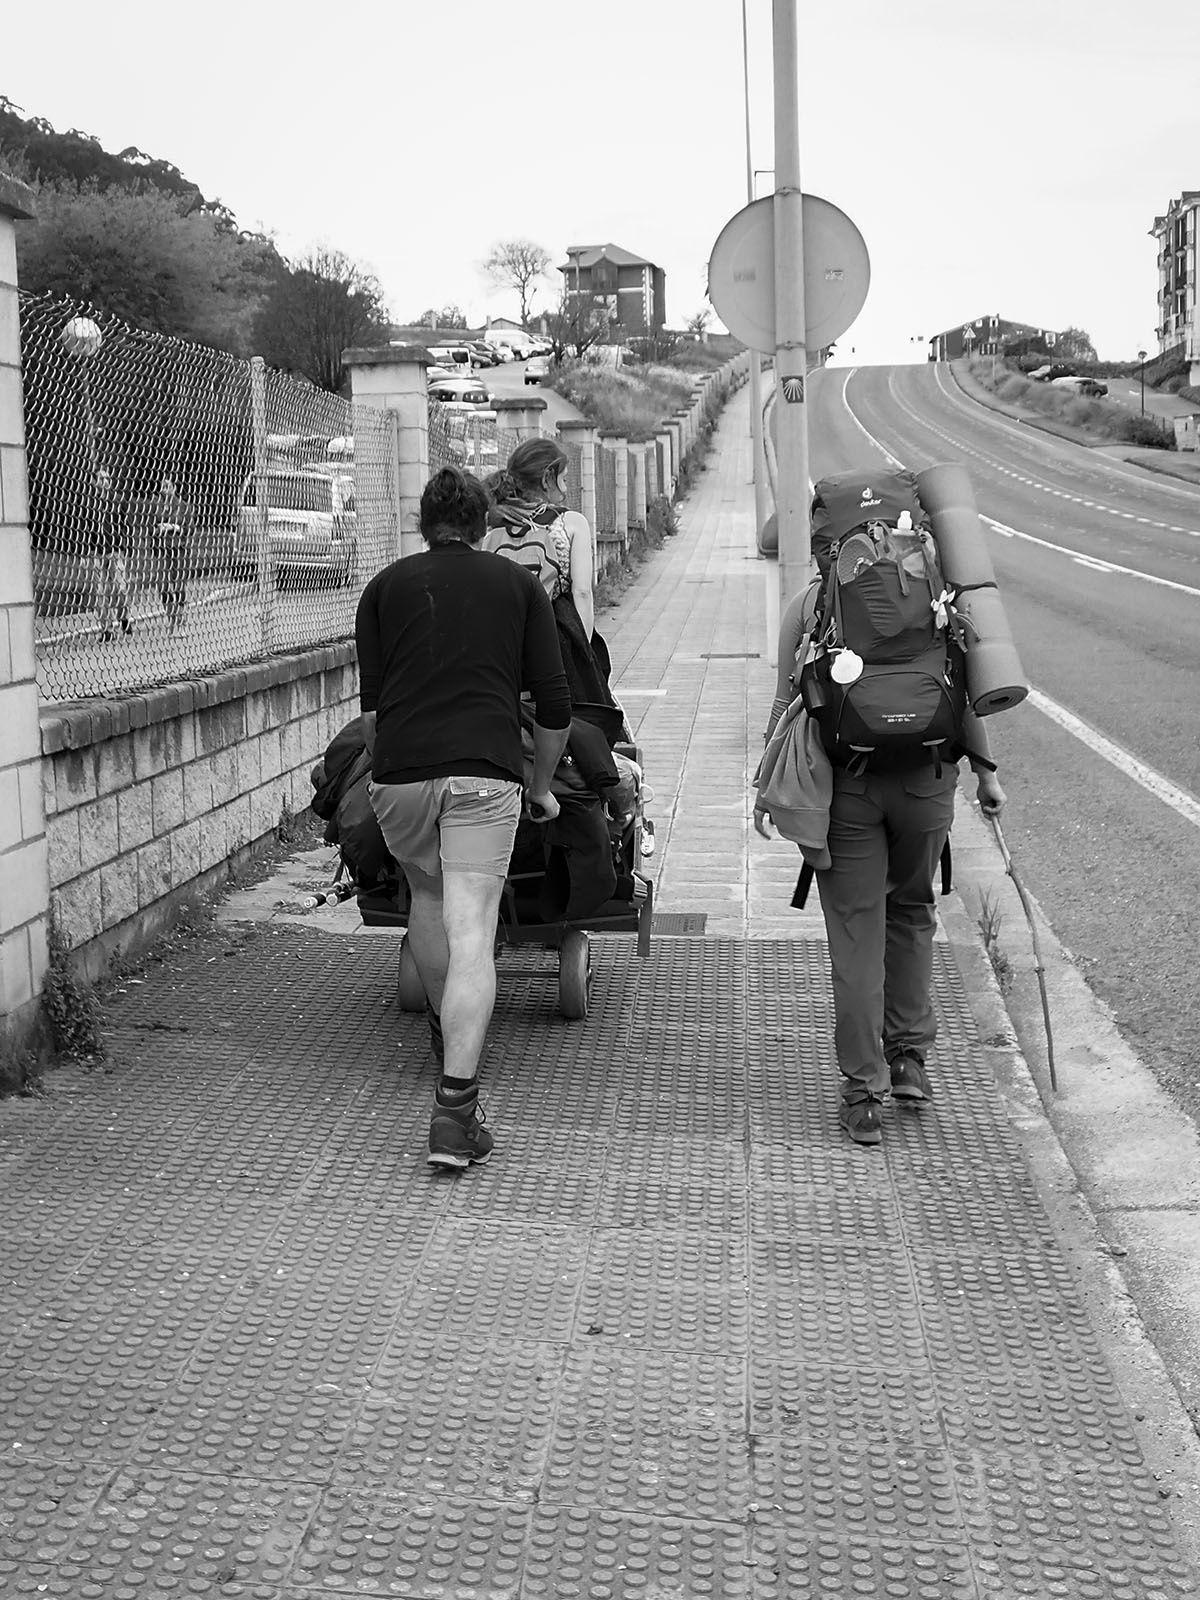 Jeunes allemands. Leur projet, après être passé à Santiago, est de traverser l'amérique latine...